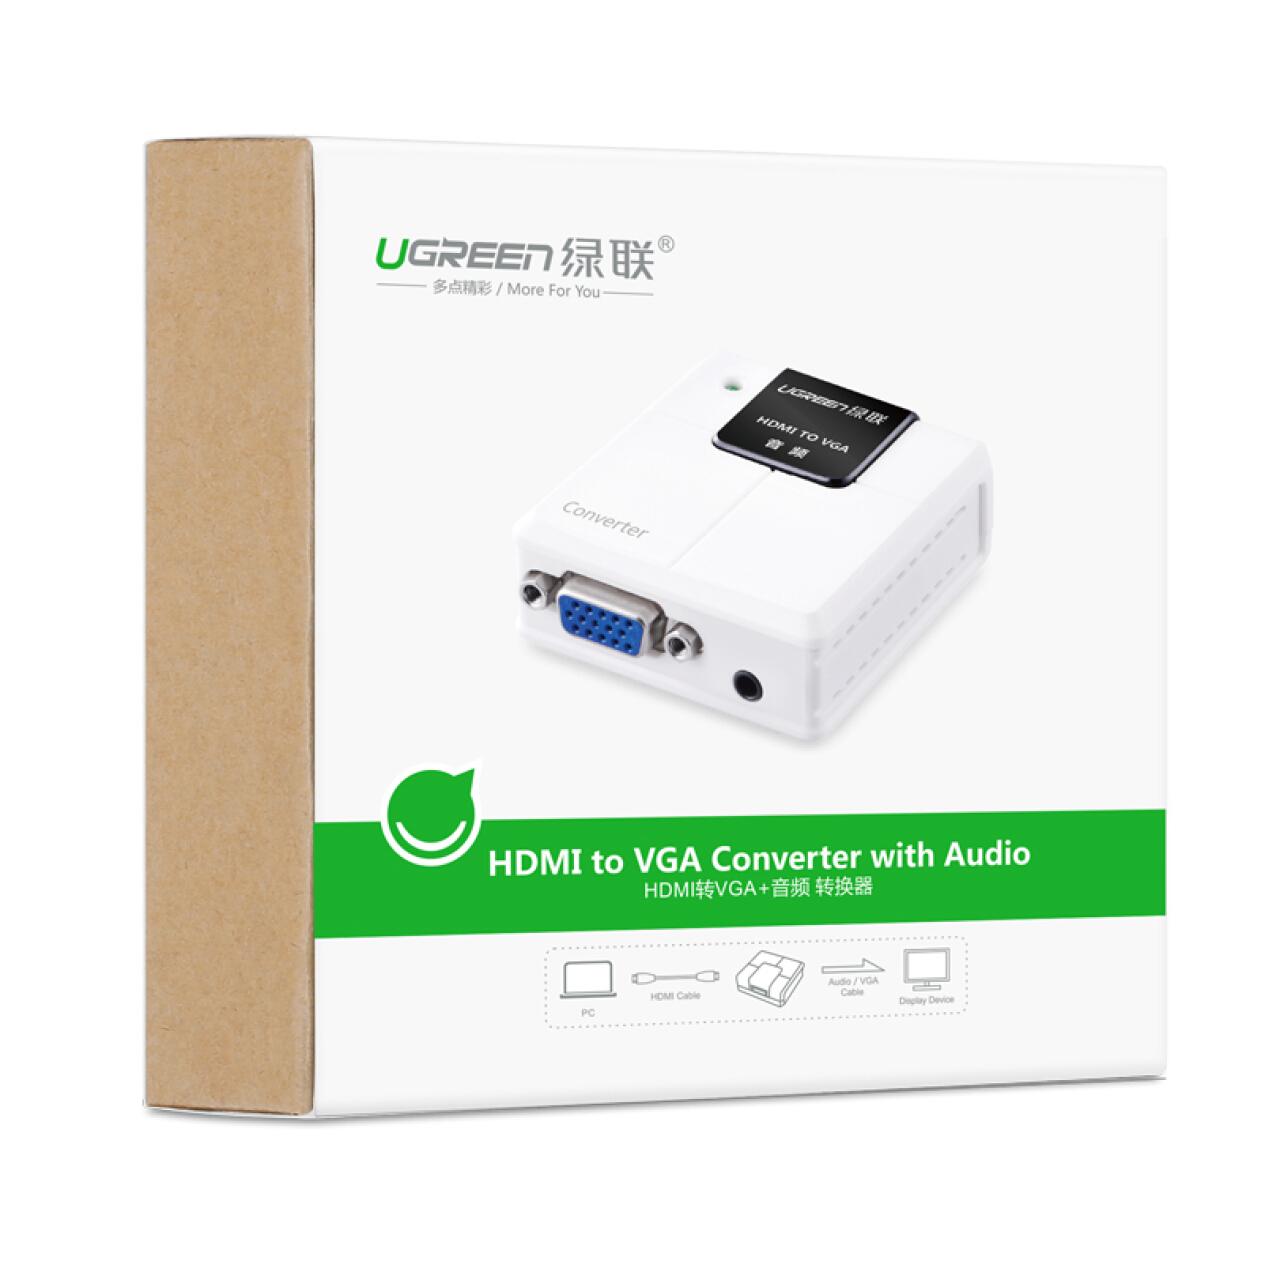 Bộ chuyển đổi tín hiệu HDMI sang VGA hỗ trợ cổng âm thanh Audio UGREEN 40209